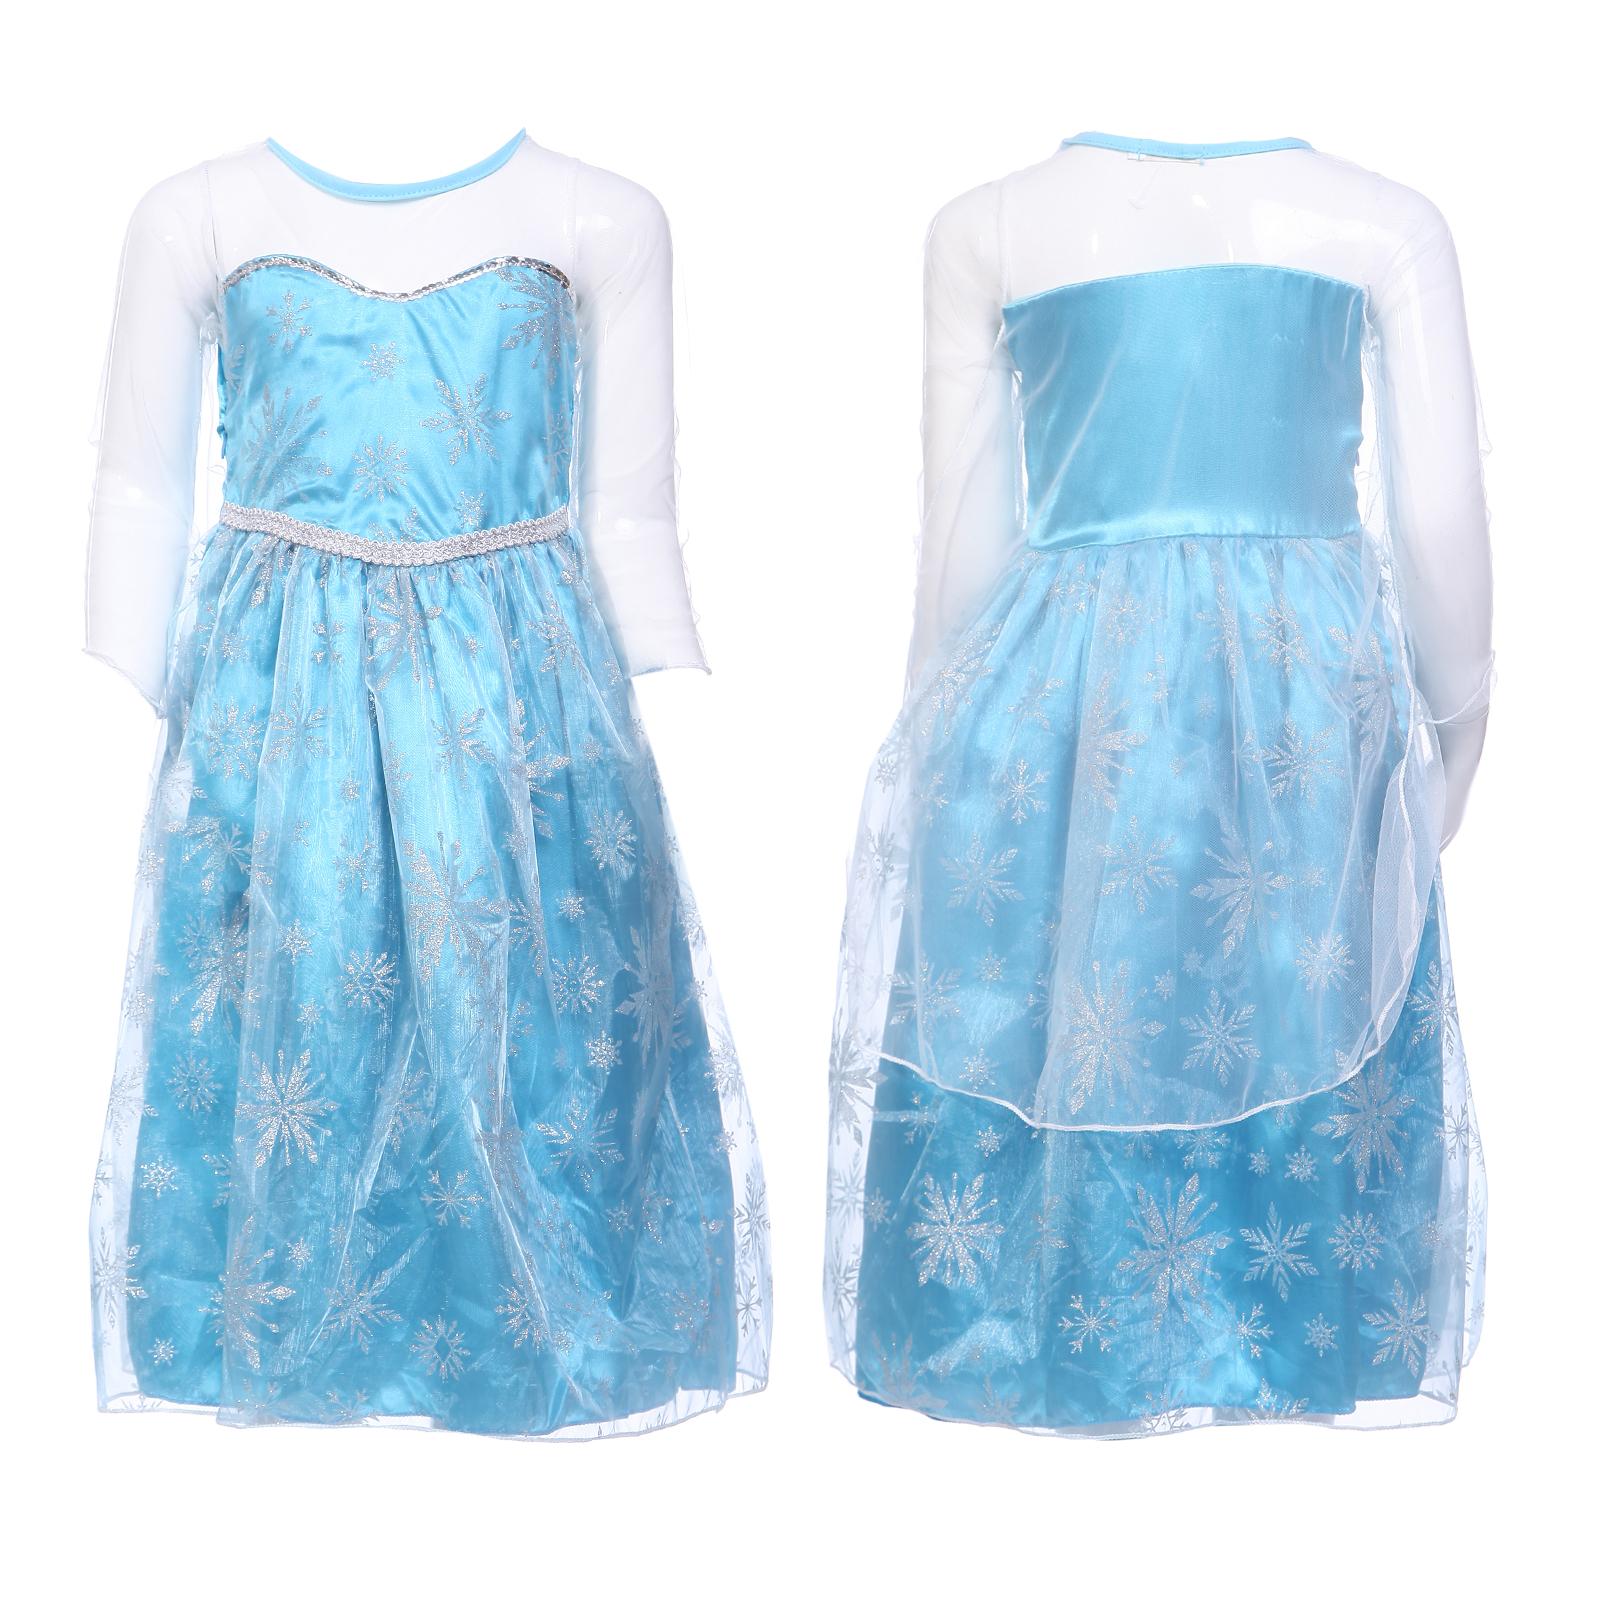 Frozen Kleid Elsa - Garten Ideen Selber Bauen